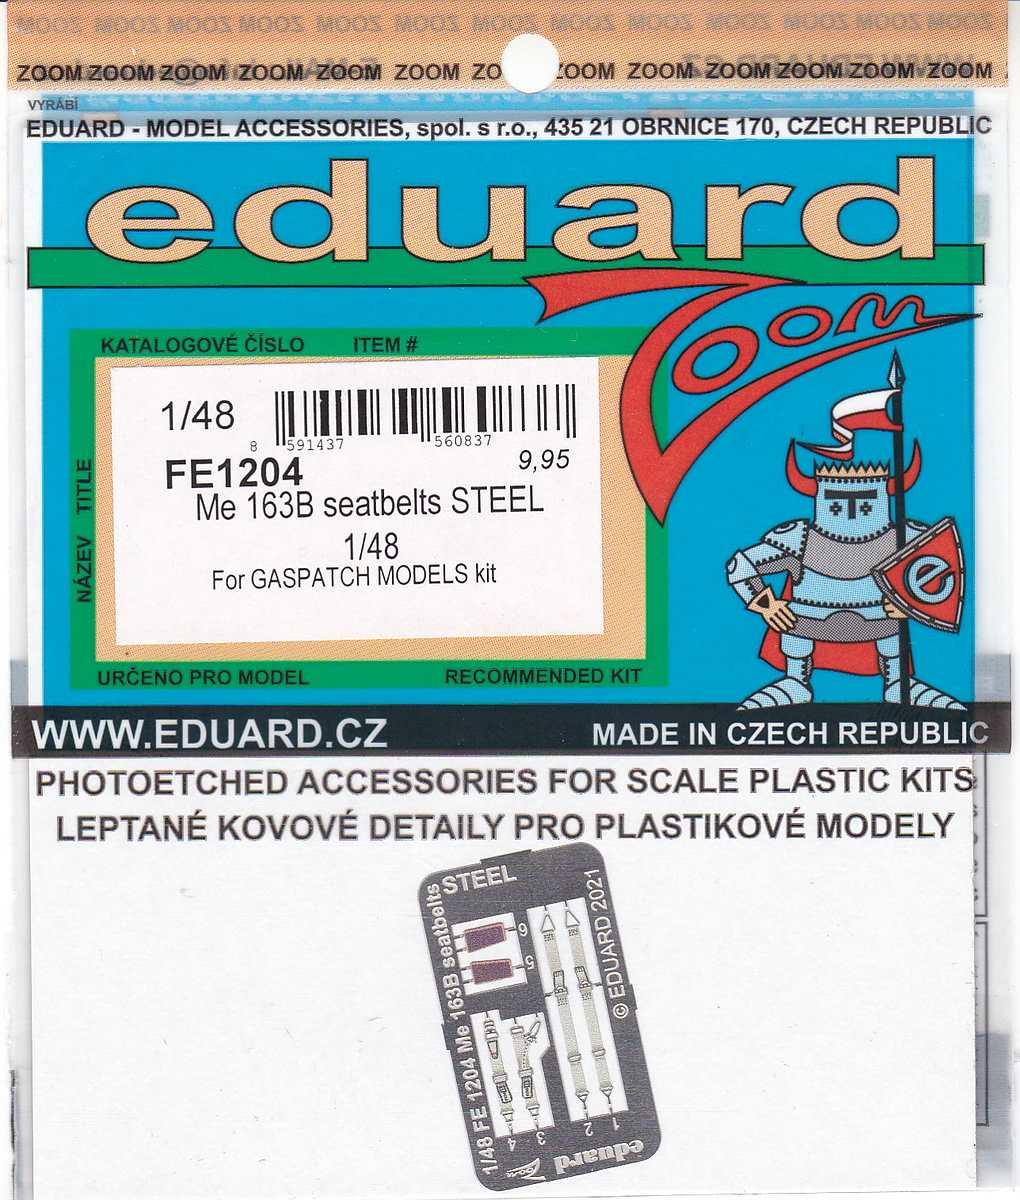 Eduard-FE-1204-Me-163B-Seatbelts-STEEL-1 Eduard Maskensets für die Me 163B von Gaspatch # EX 794 und 795